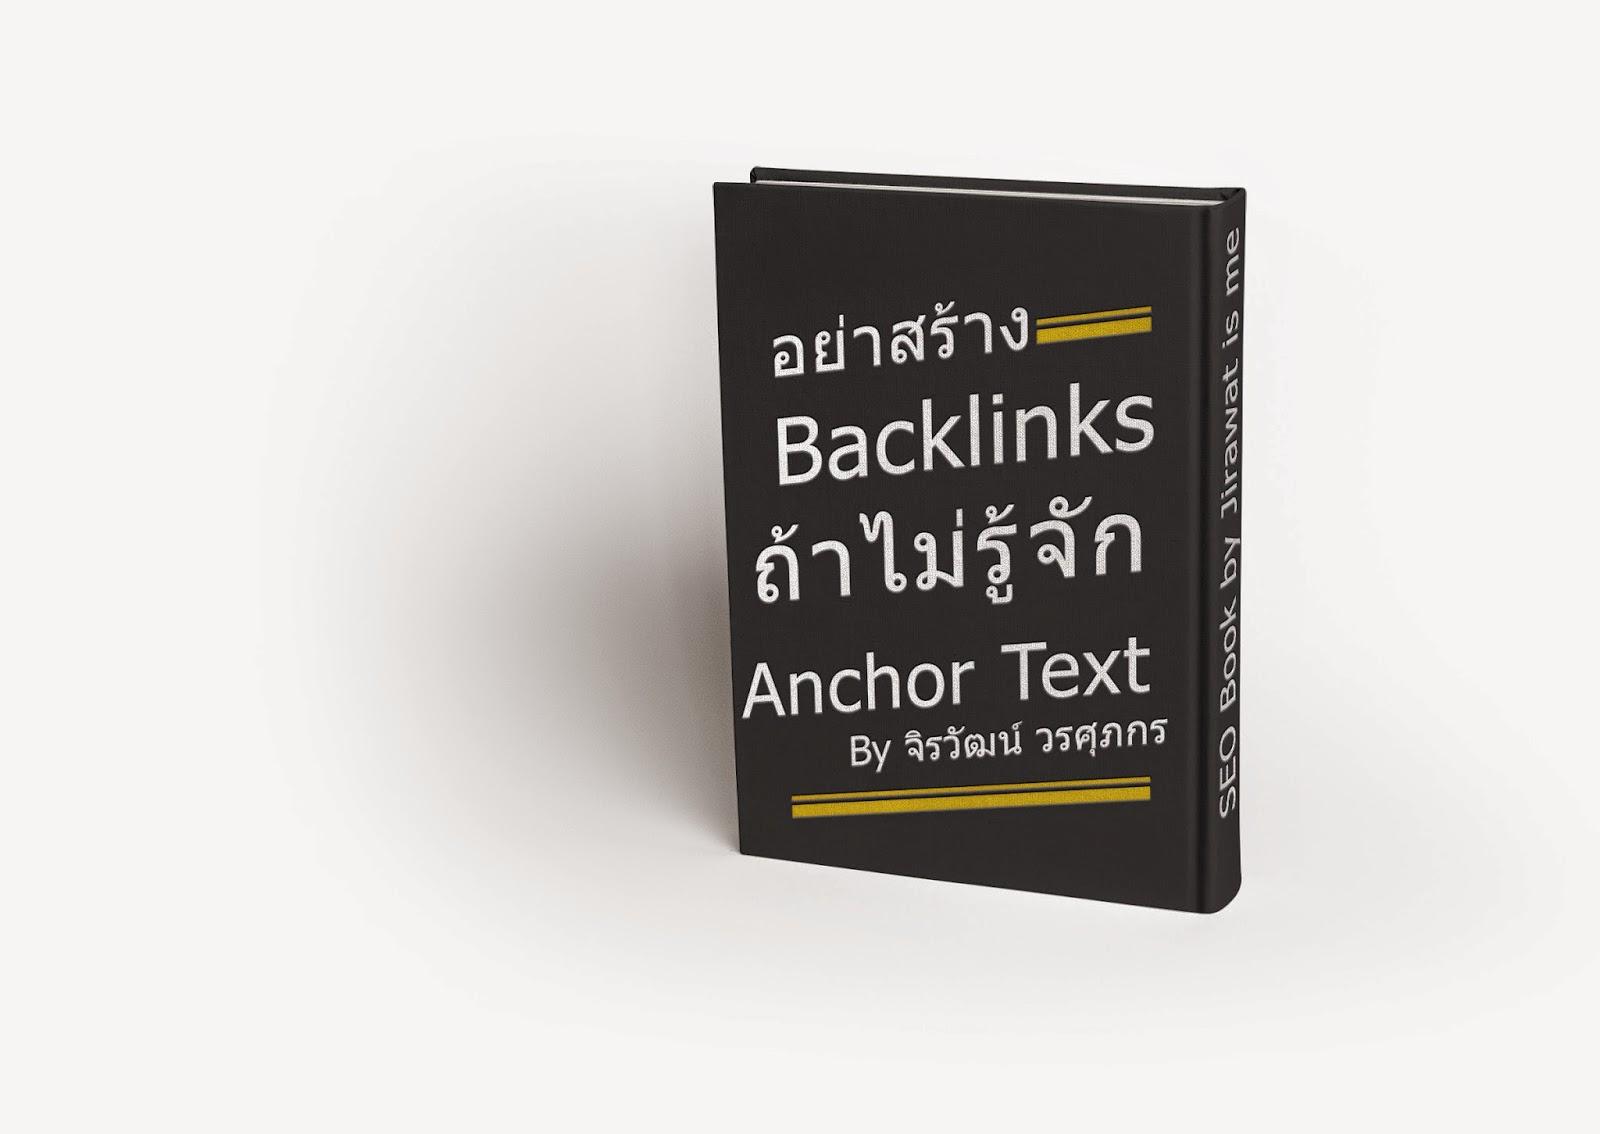 หนังสือ seo อย่าสร้าง Backlinks ถ้าไม่รู้จัก Anchor Text